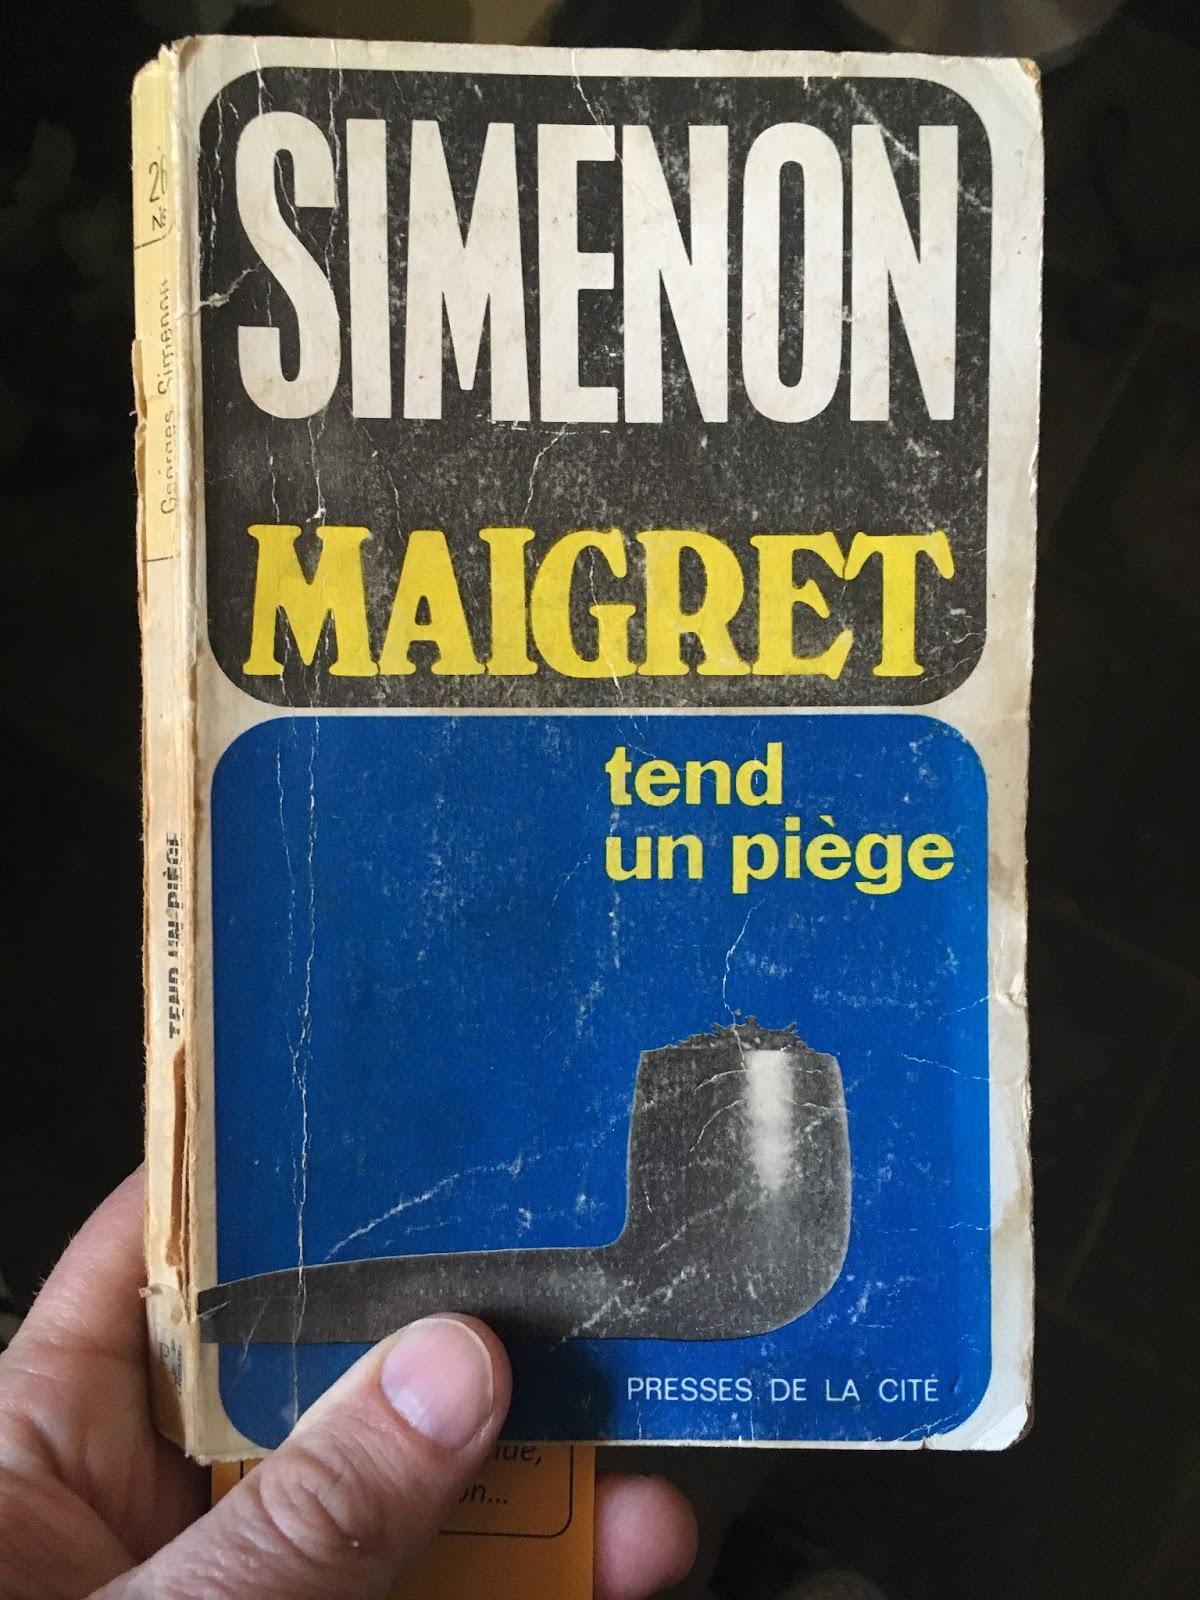 Maigret - Loodverf blanc reactie faire ...